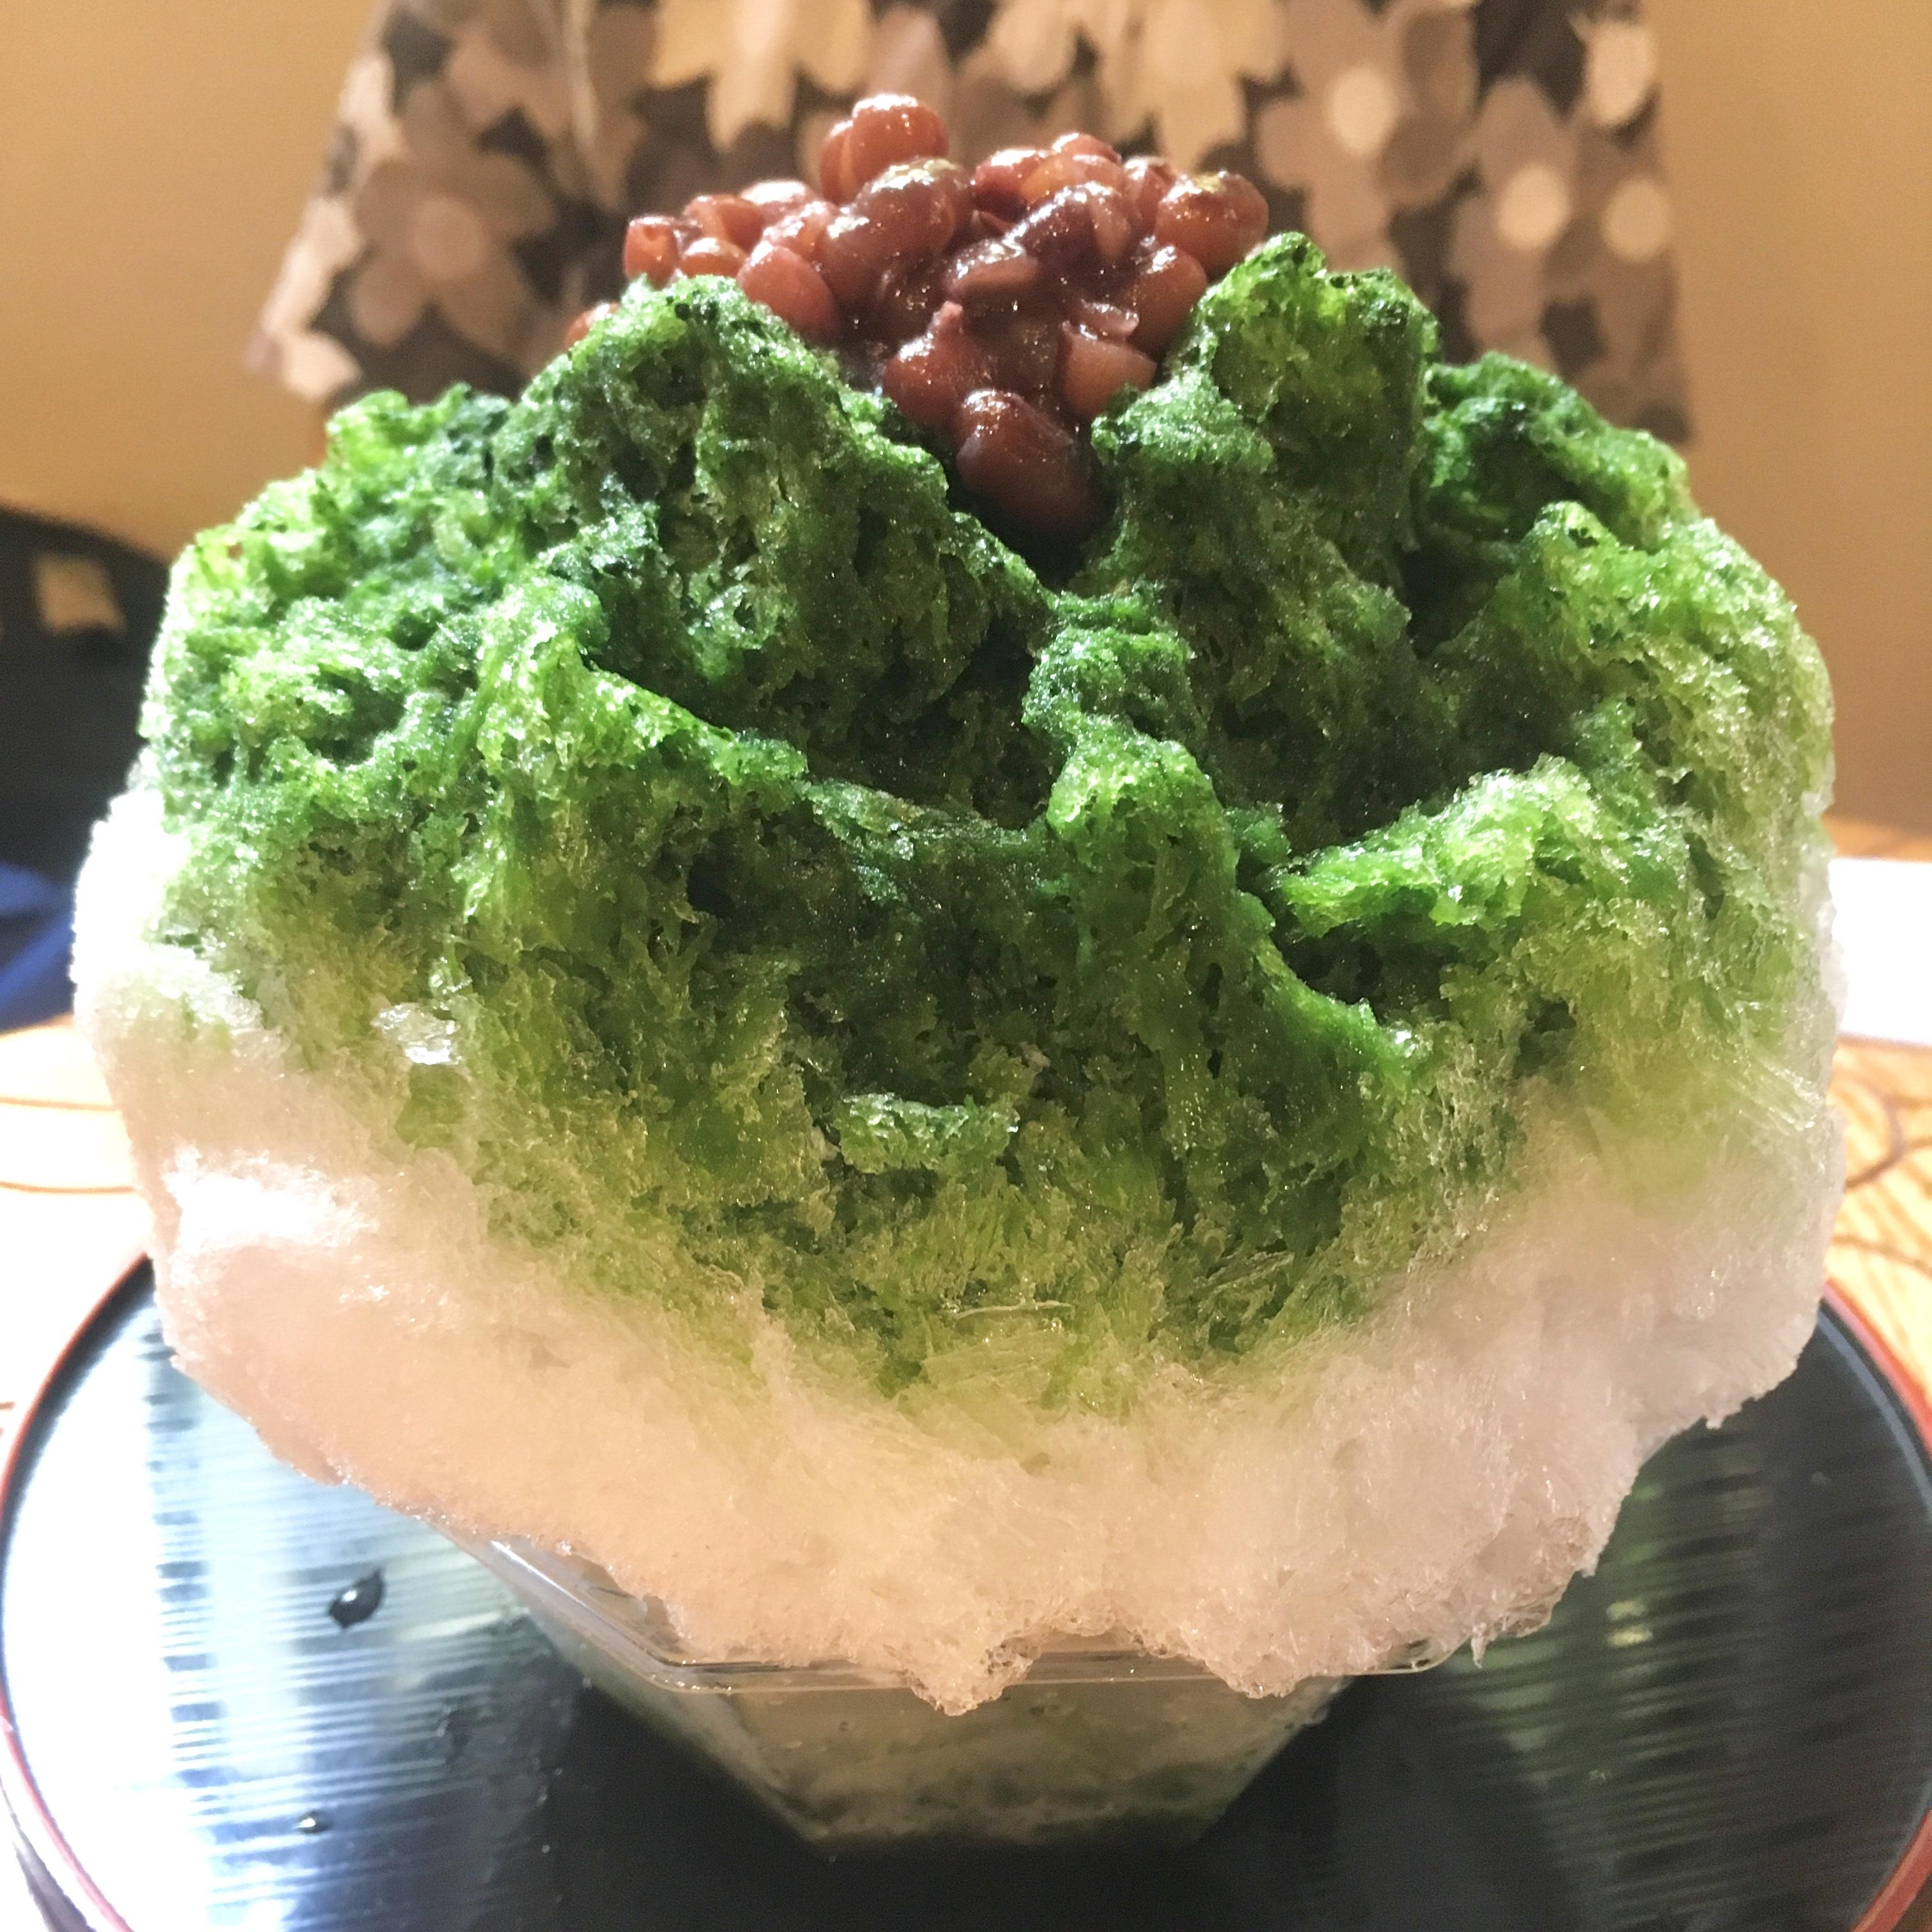 【中崎町 かき氷】 「大阪浪花家」鯛焼き屋の美味しい小豆が乗ってます